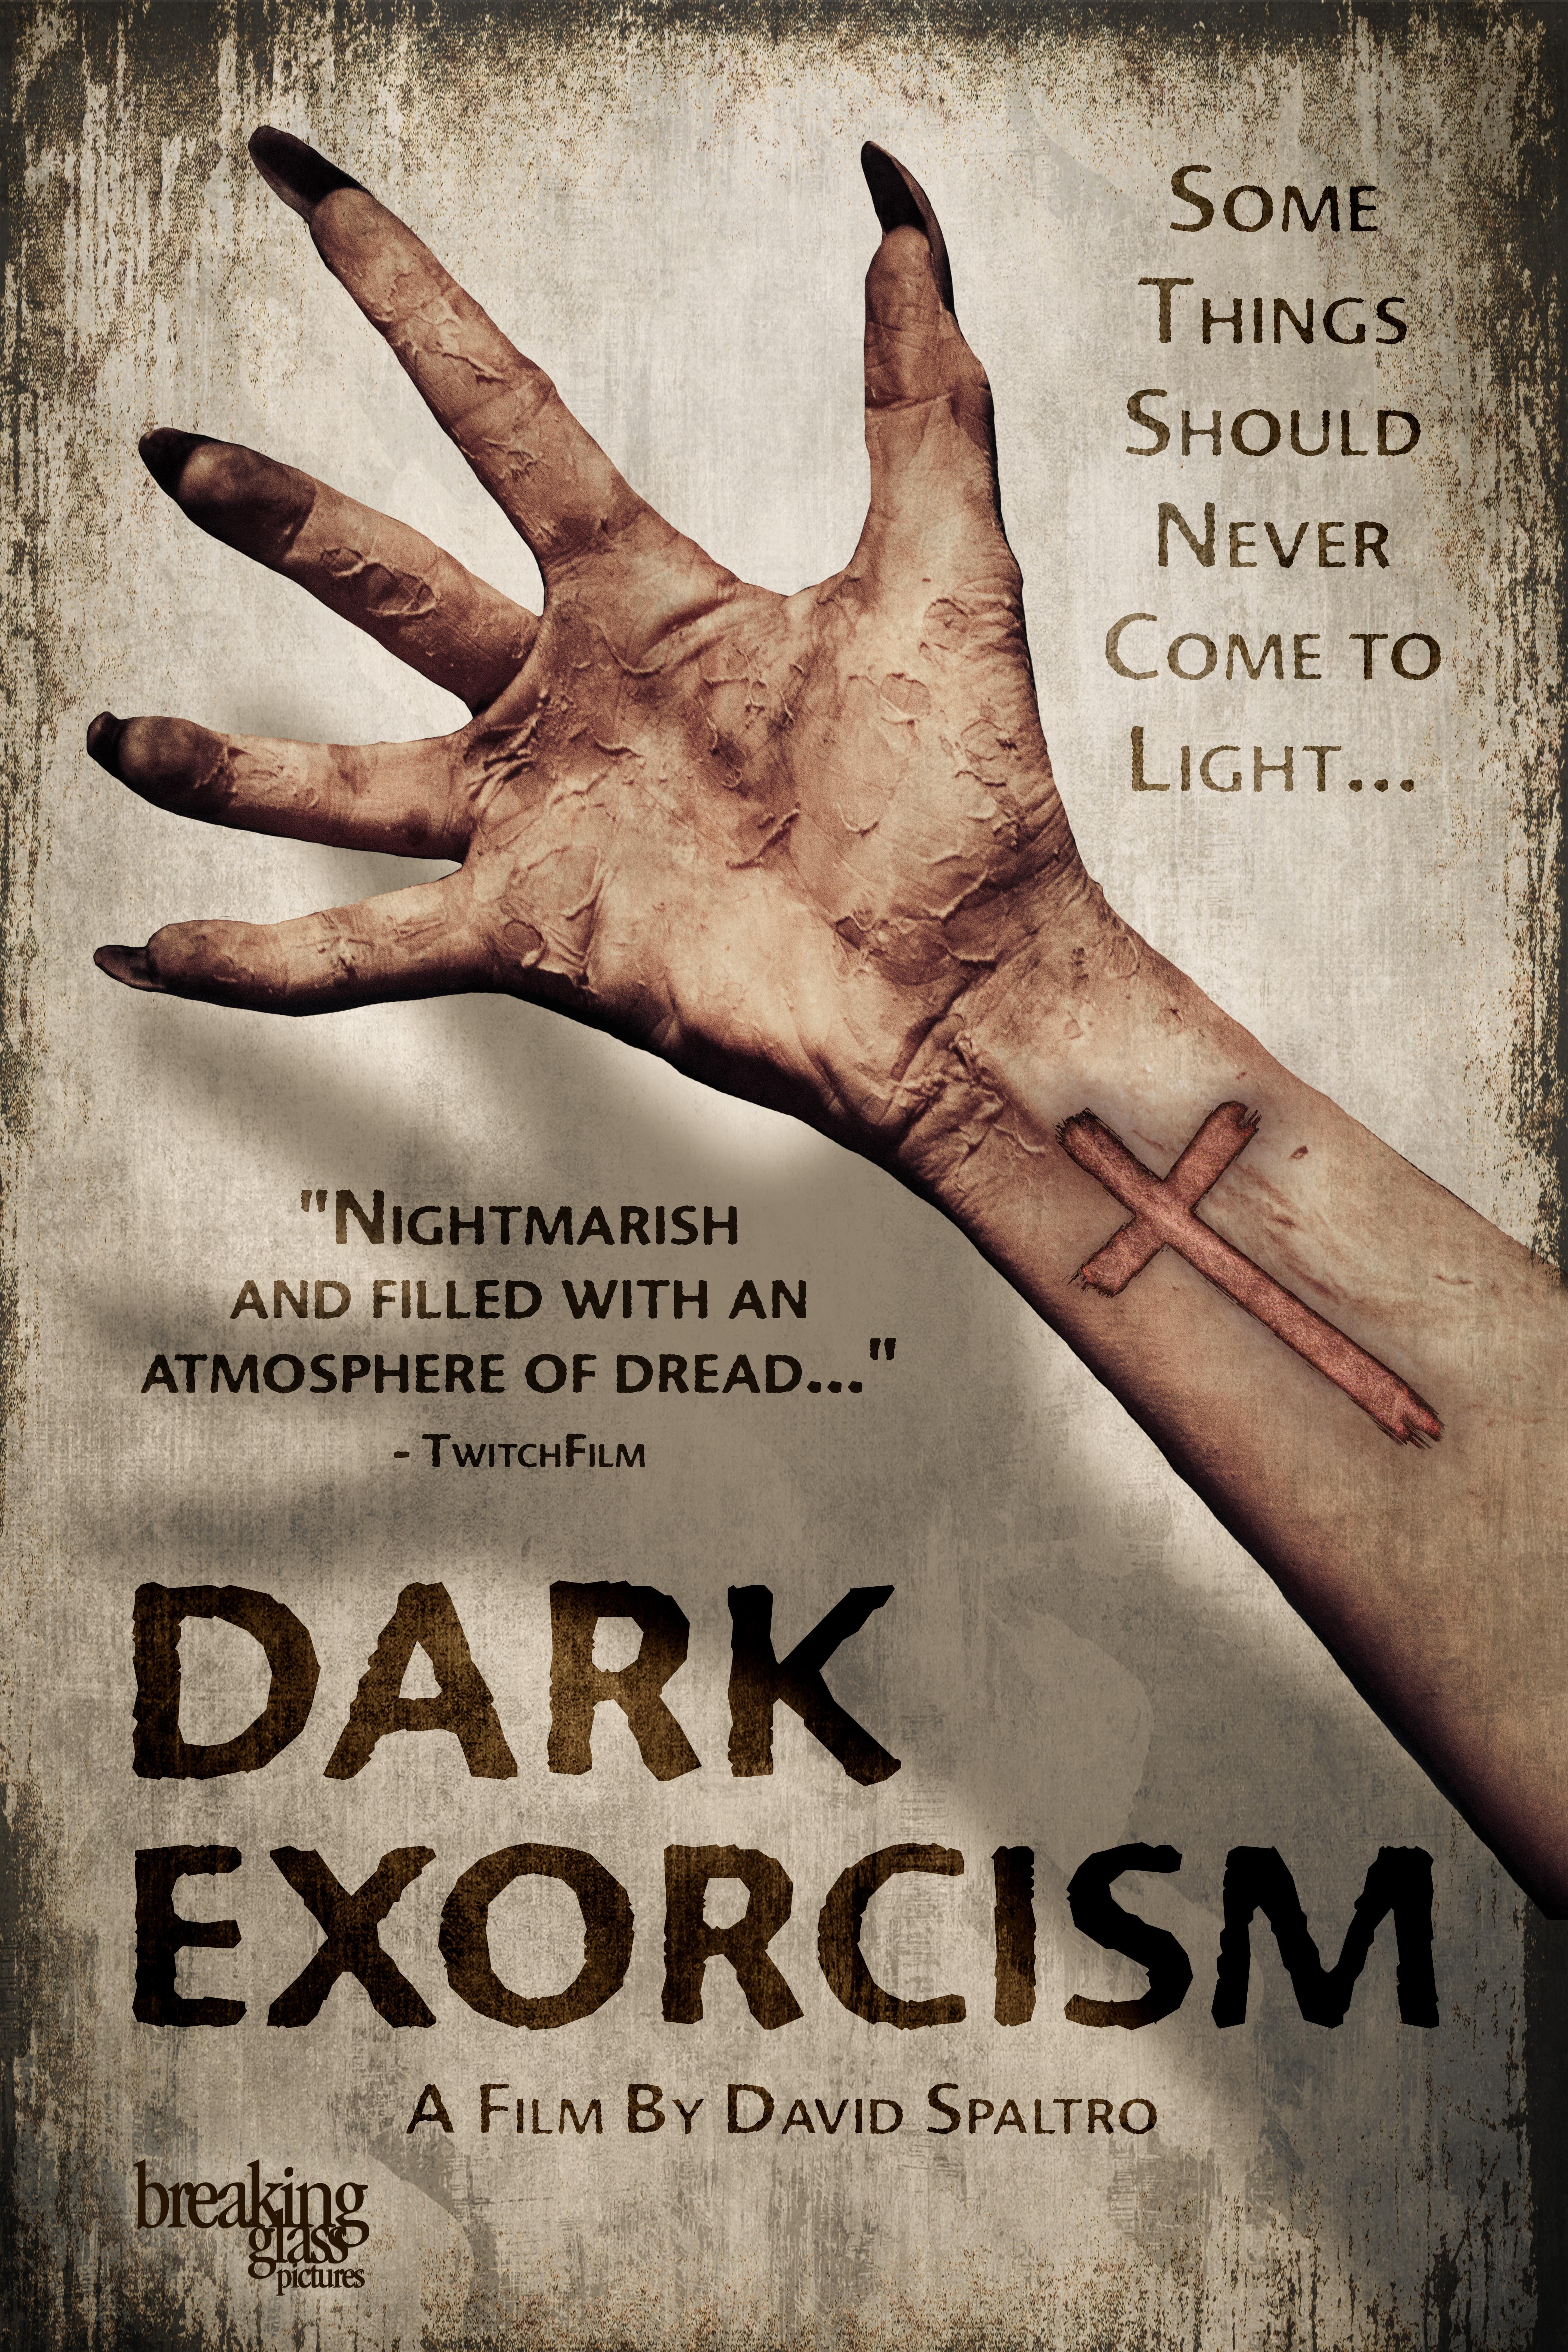 دانلود زیرنویس فارسی فیلم Dark Exorcism